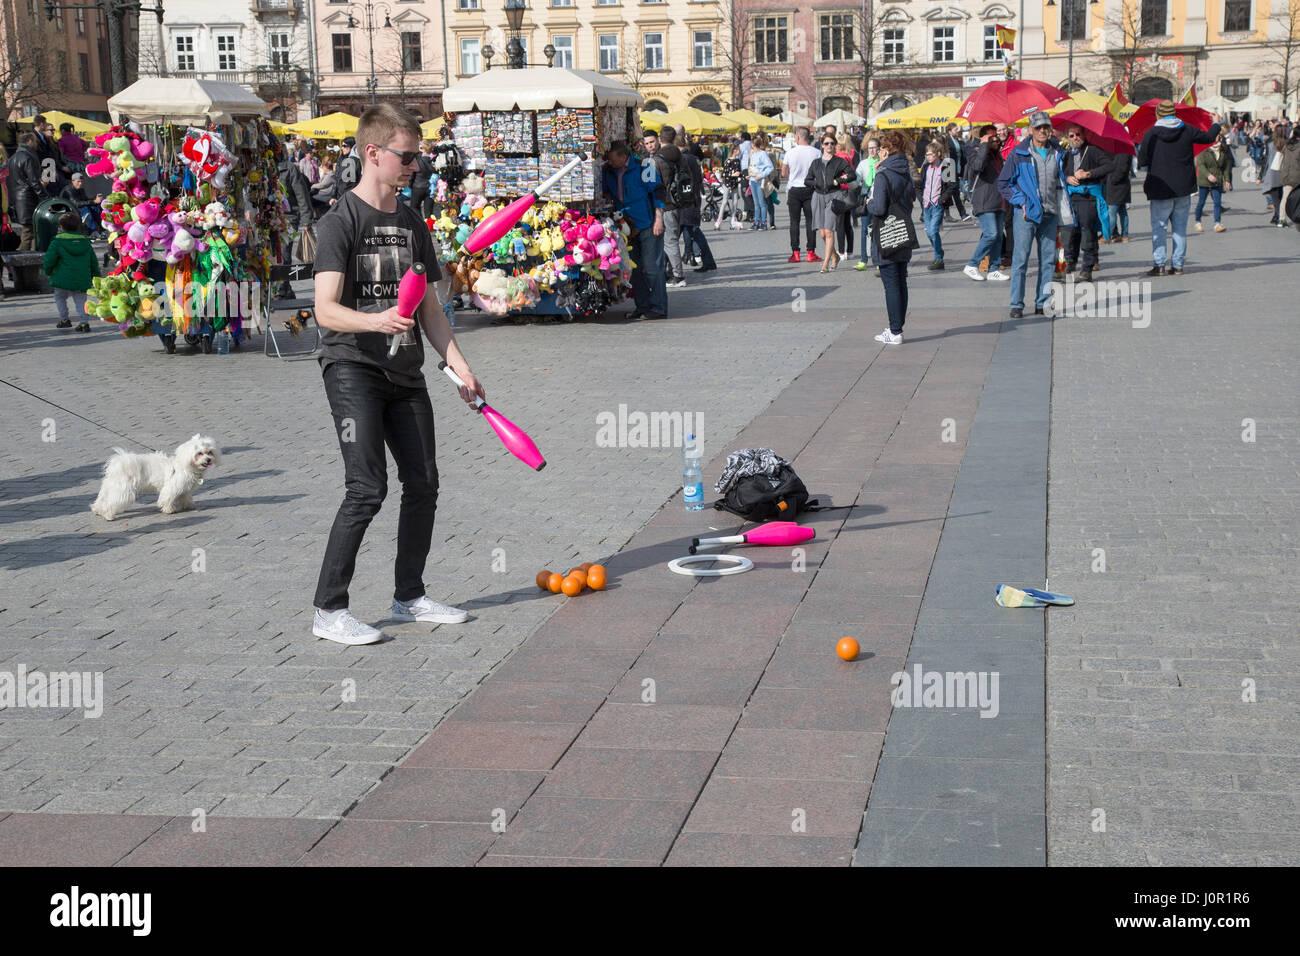 Juggler in Krakow main market square - Stock Image